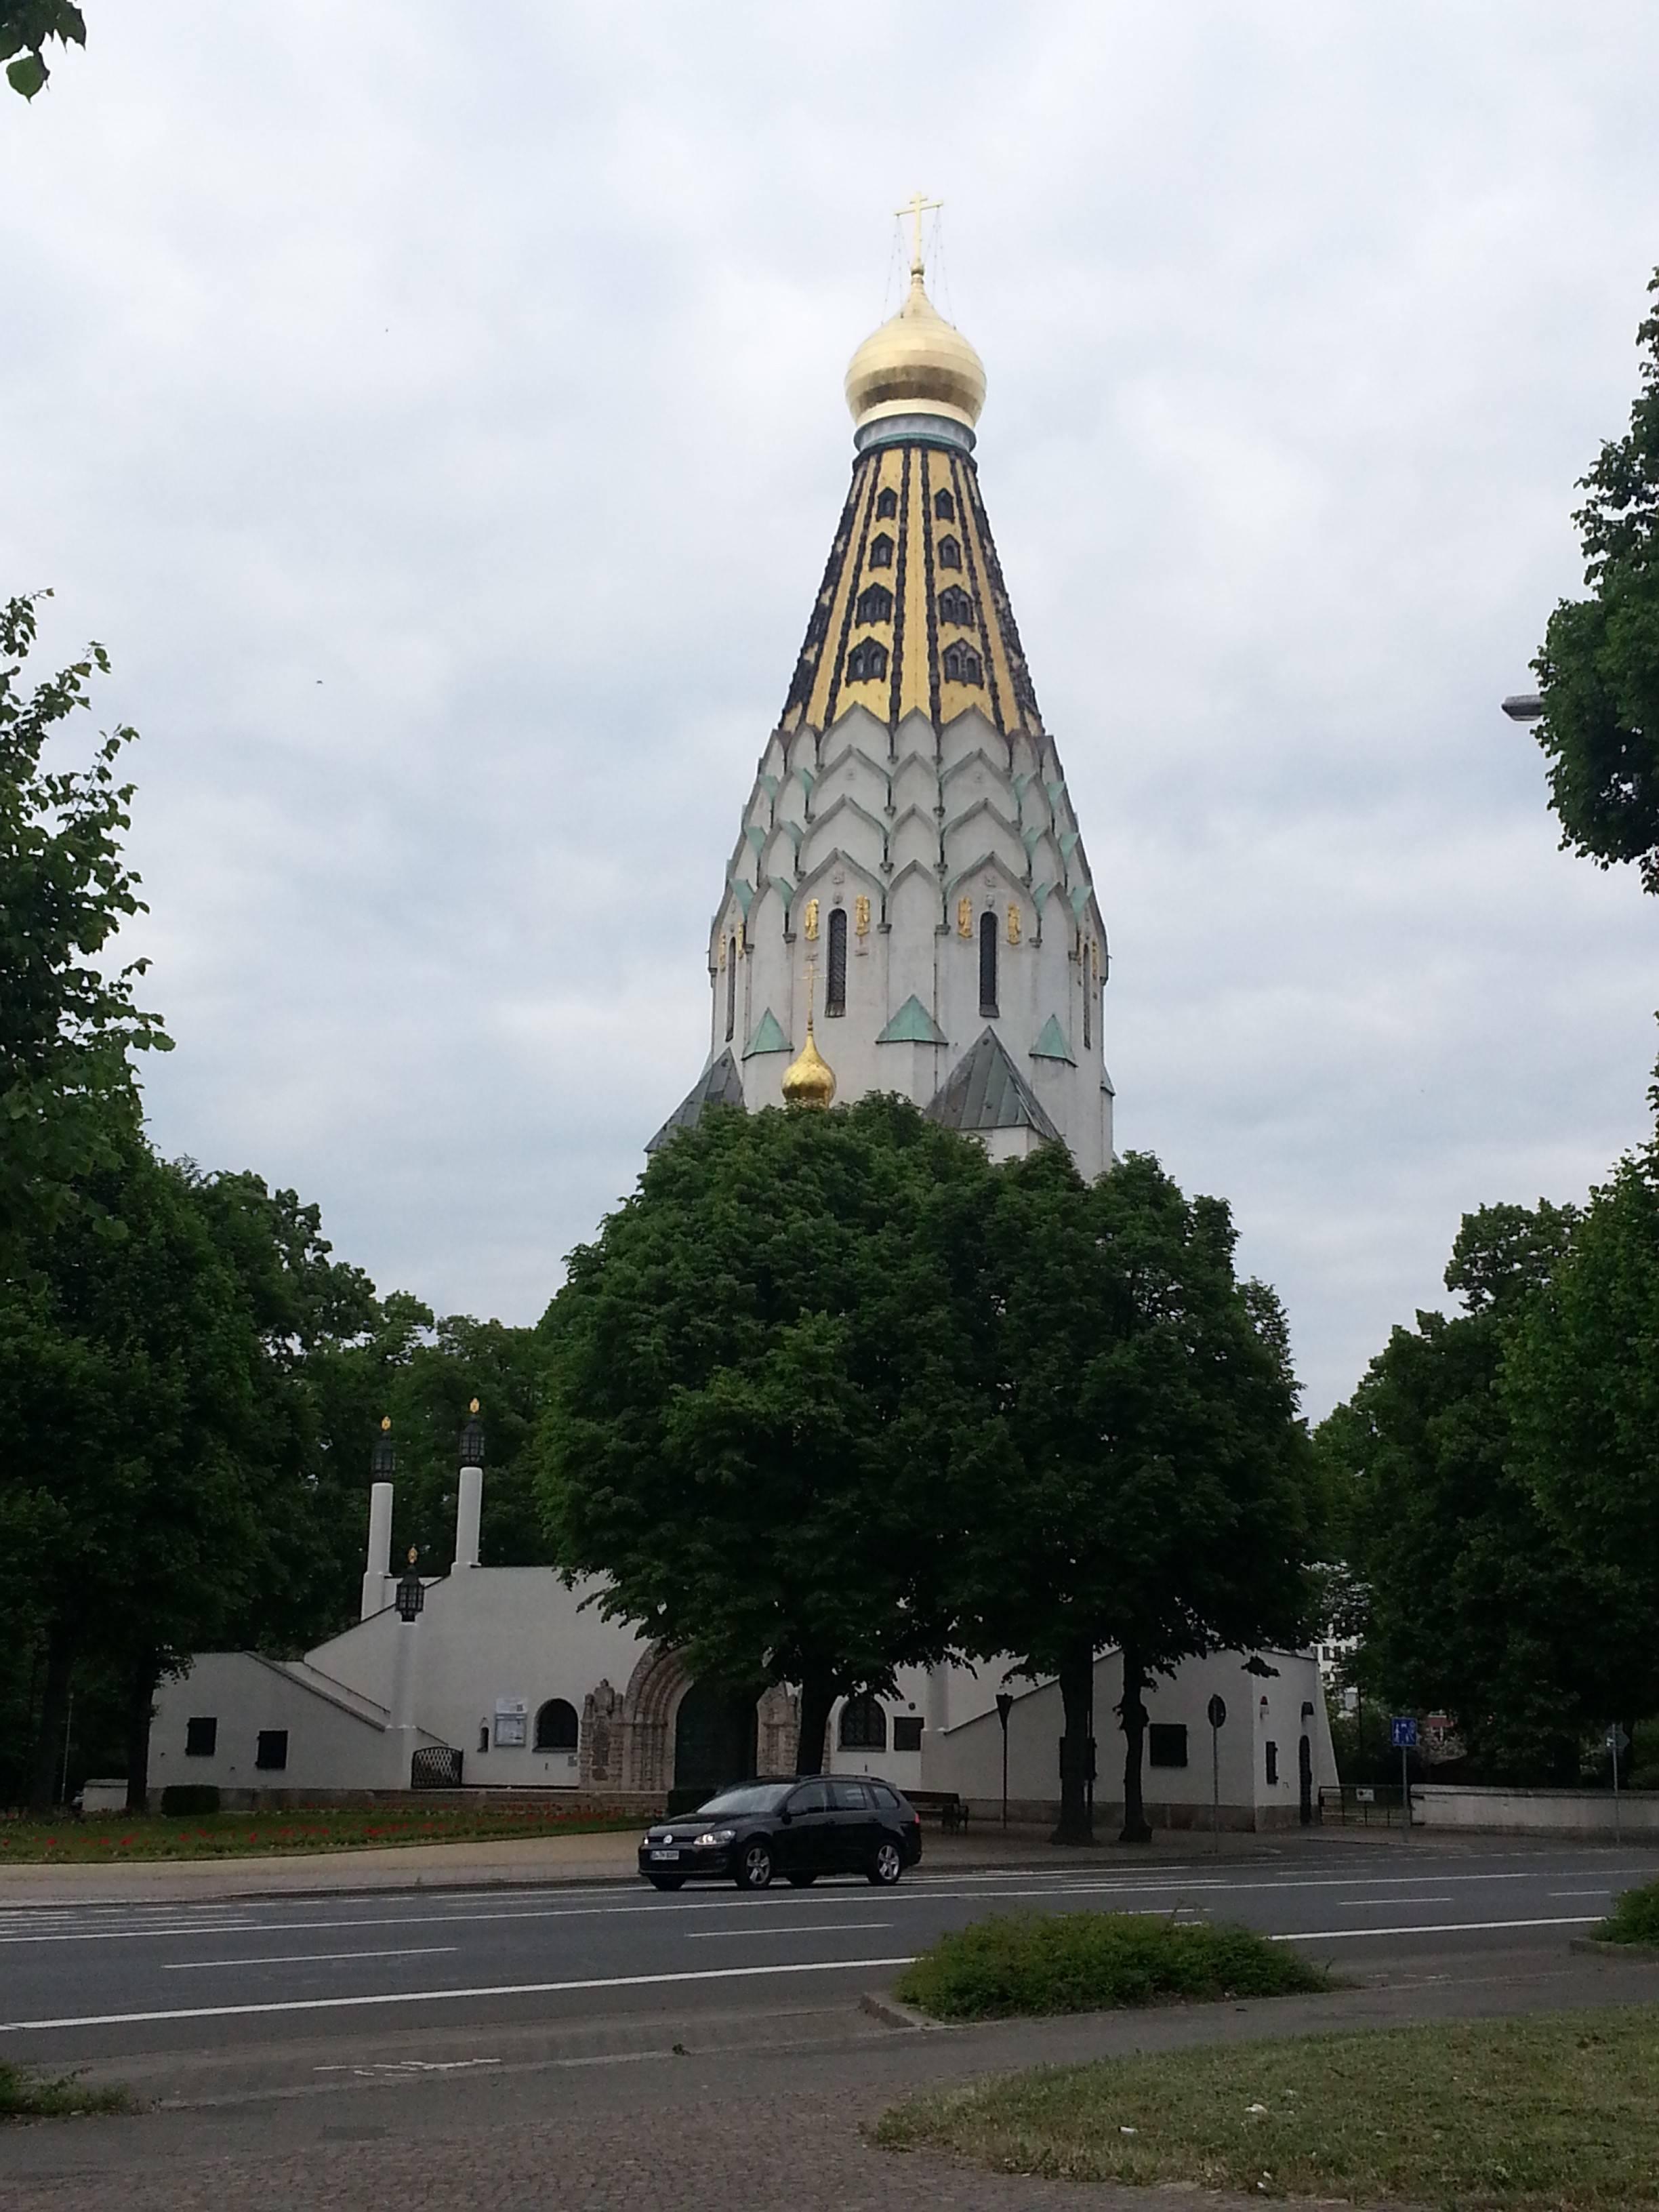 Город лейпциг и его главные достопримечательности с описанием и фото